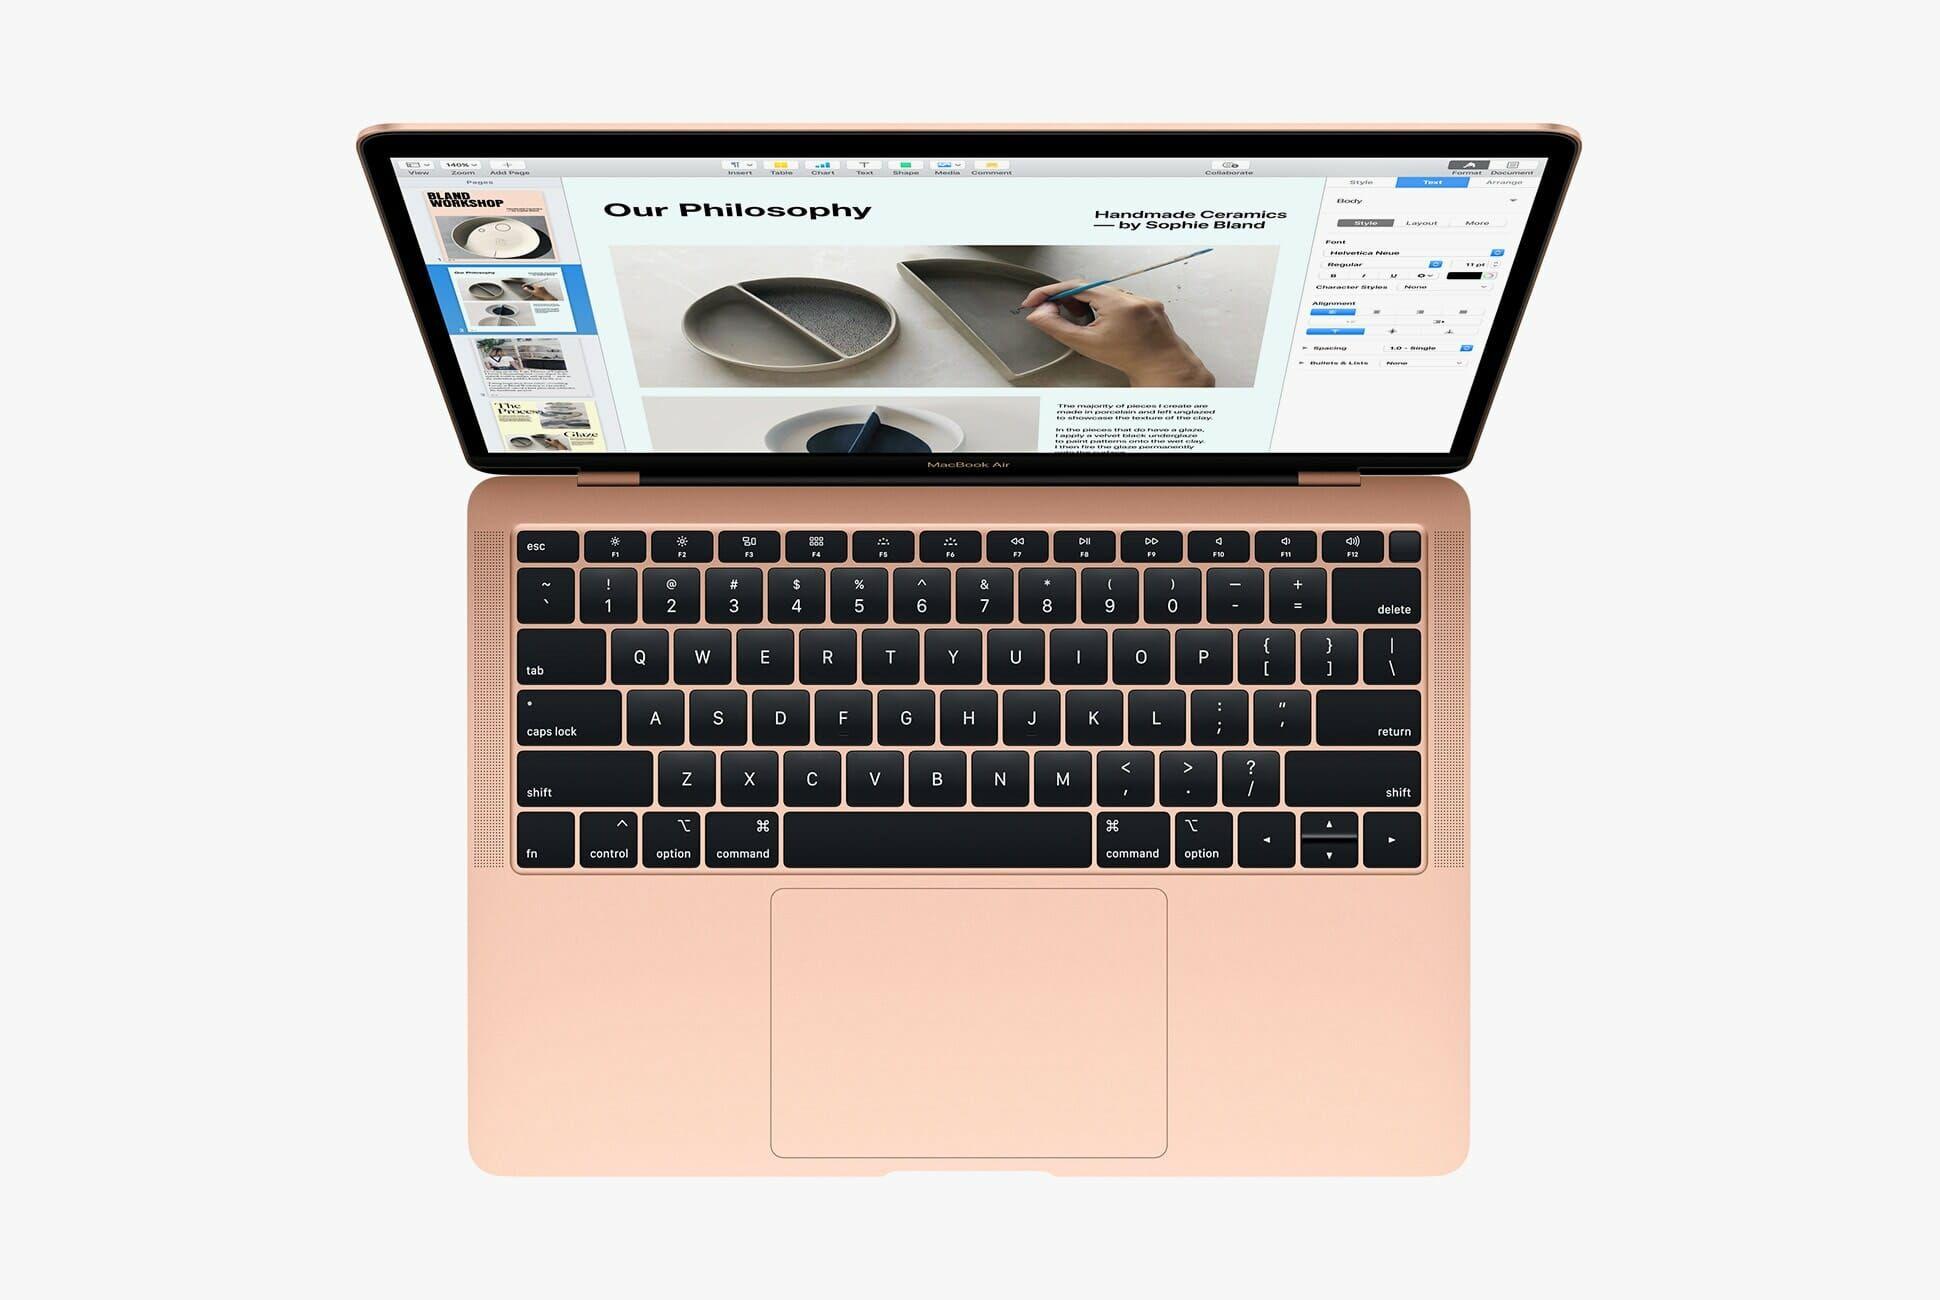 Apple-Event-NYC-2018-MacBook-Air-gear-patrol-slide-2